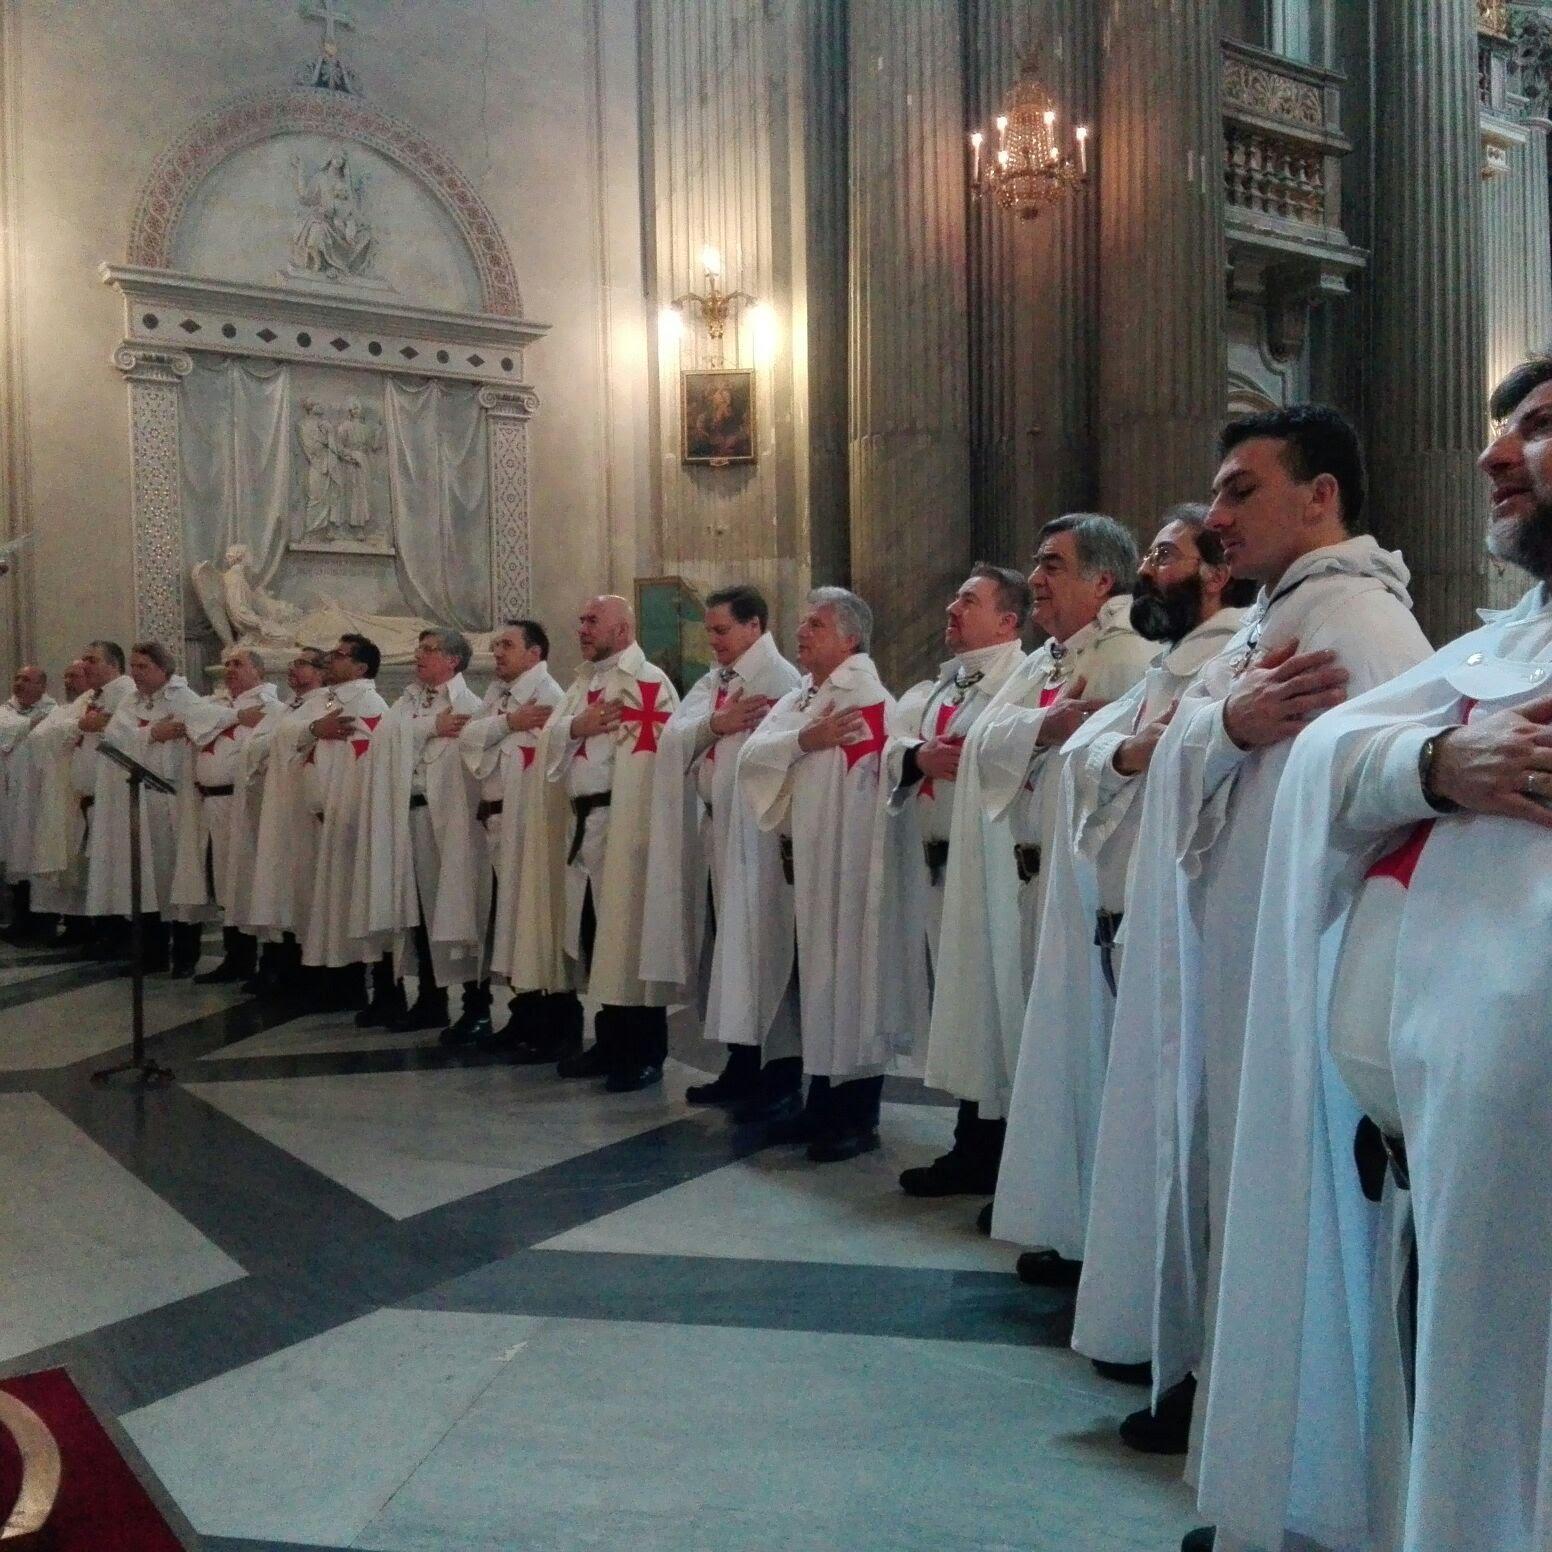 17-18 Feb 2018 – Servizio presso 4 Basiliche a Roma